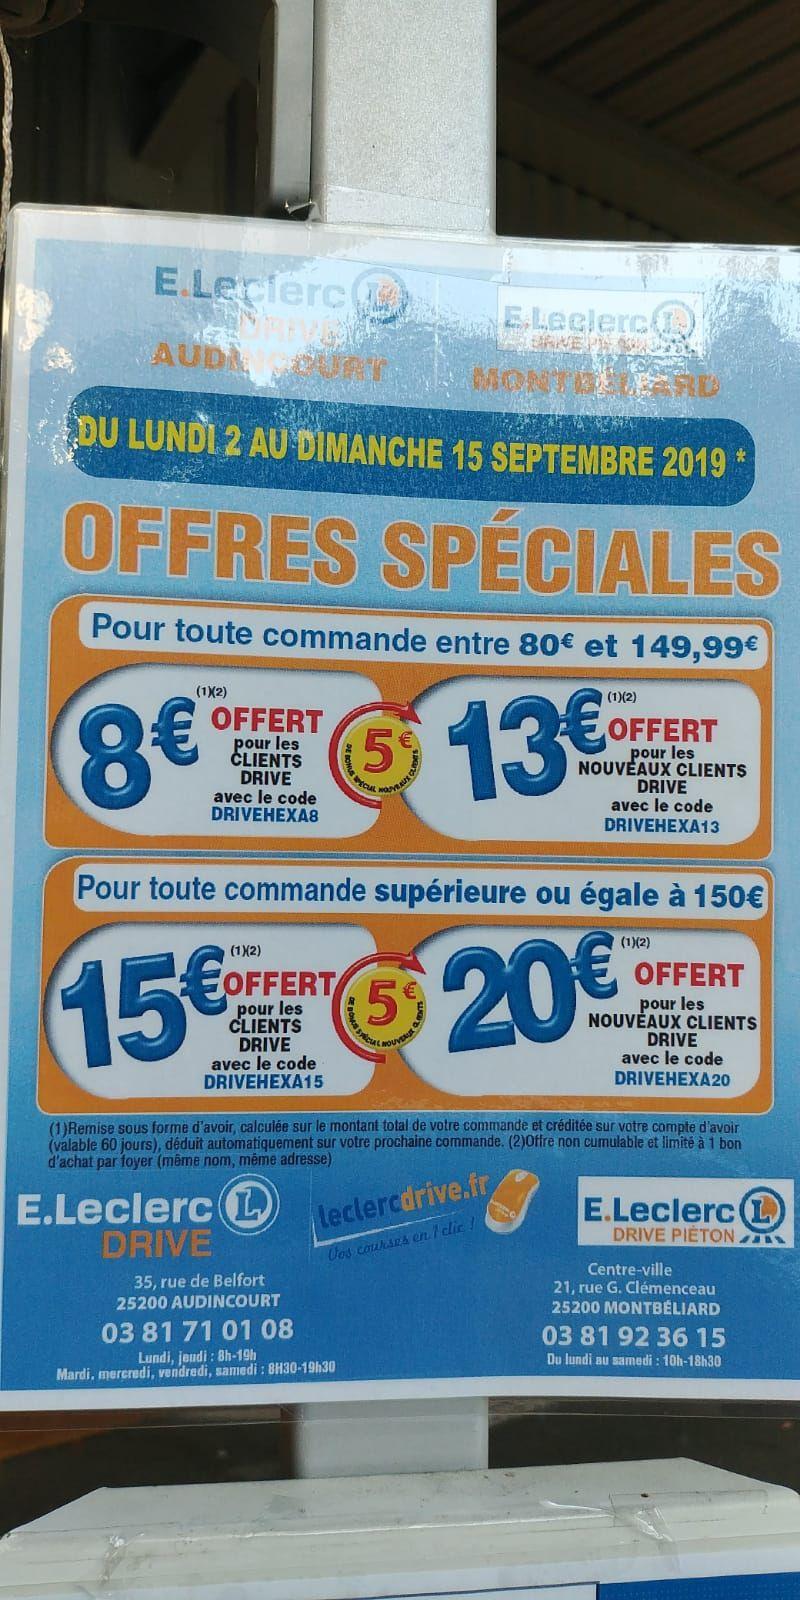 15€ de réduction à partir de 150€ d'achat (ou 20€ pour les nouveaux clients) - Audincourt, montbeliard (25)